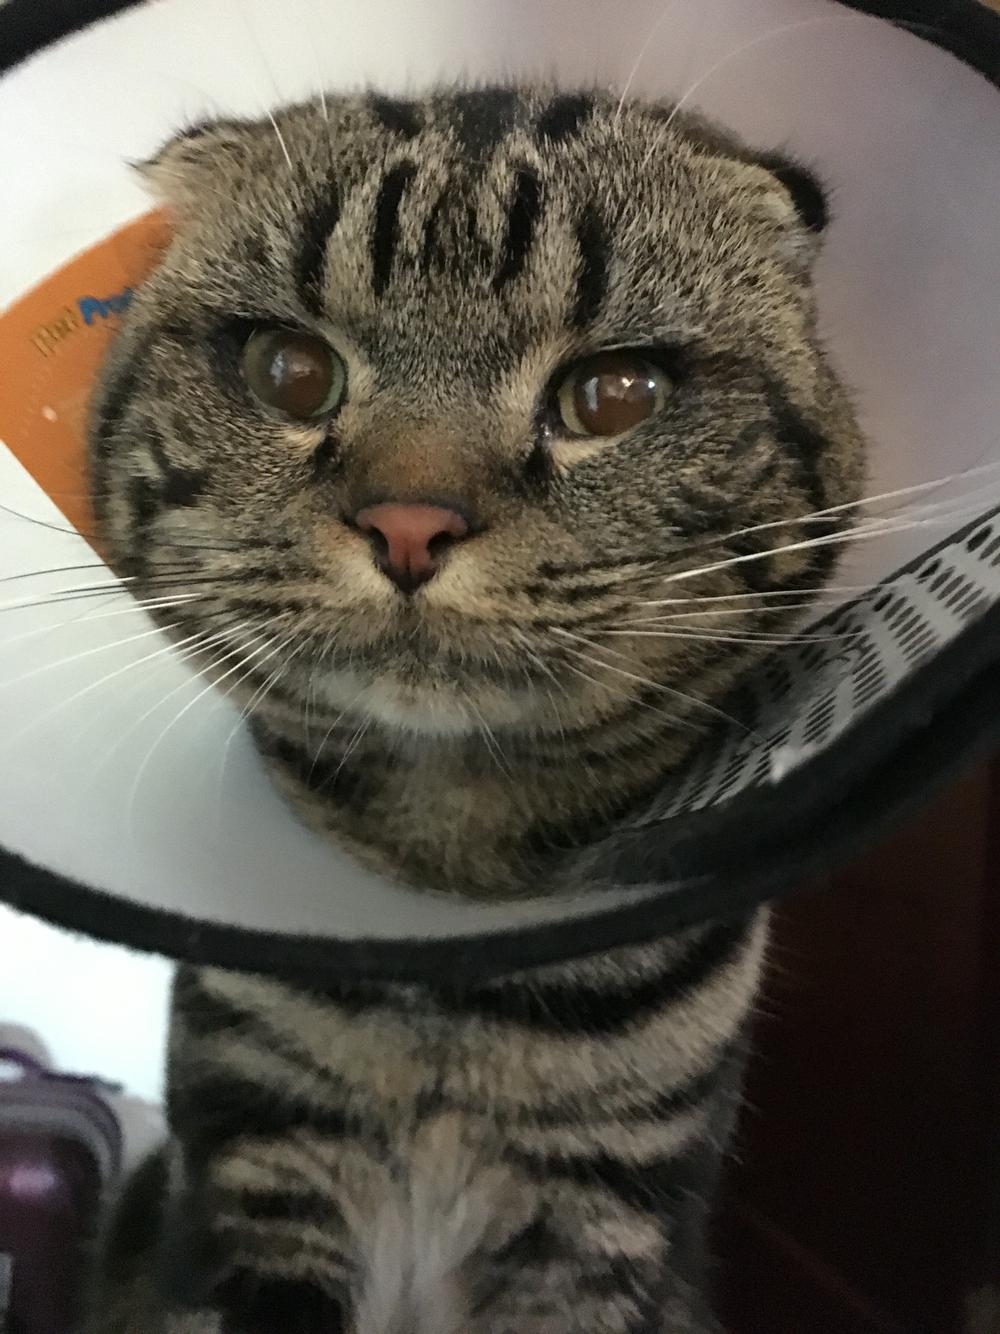 猫得了角膜溃疡,下睫毛总是刺激眼球